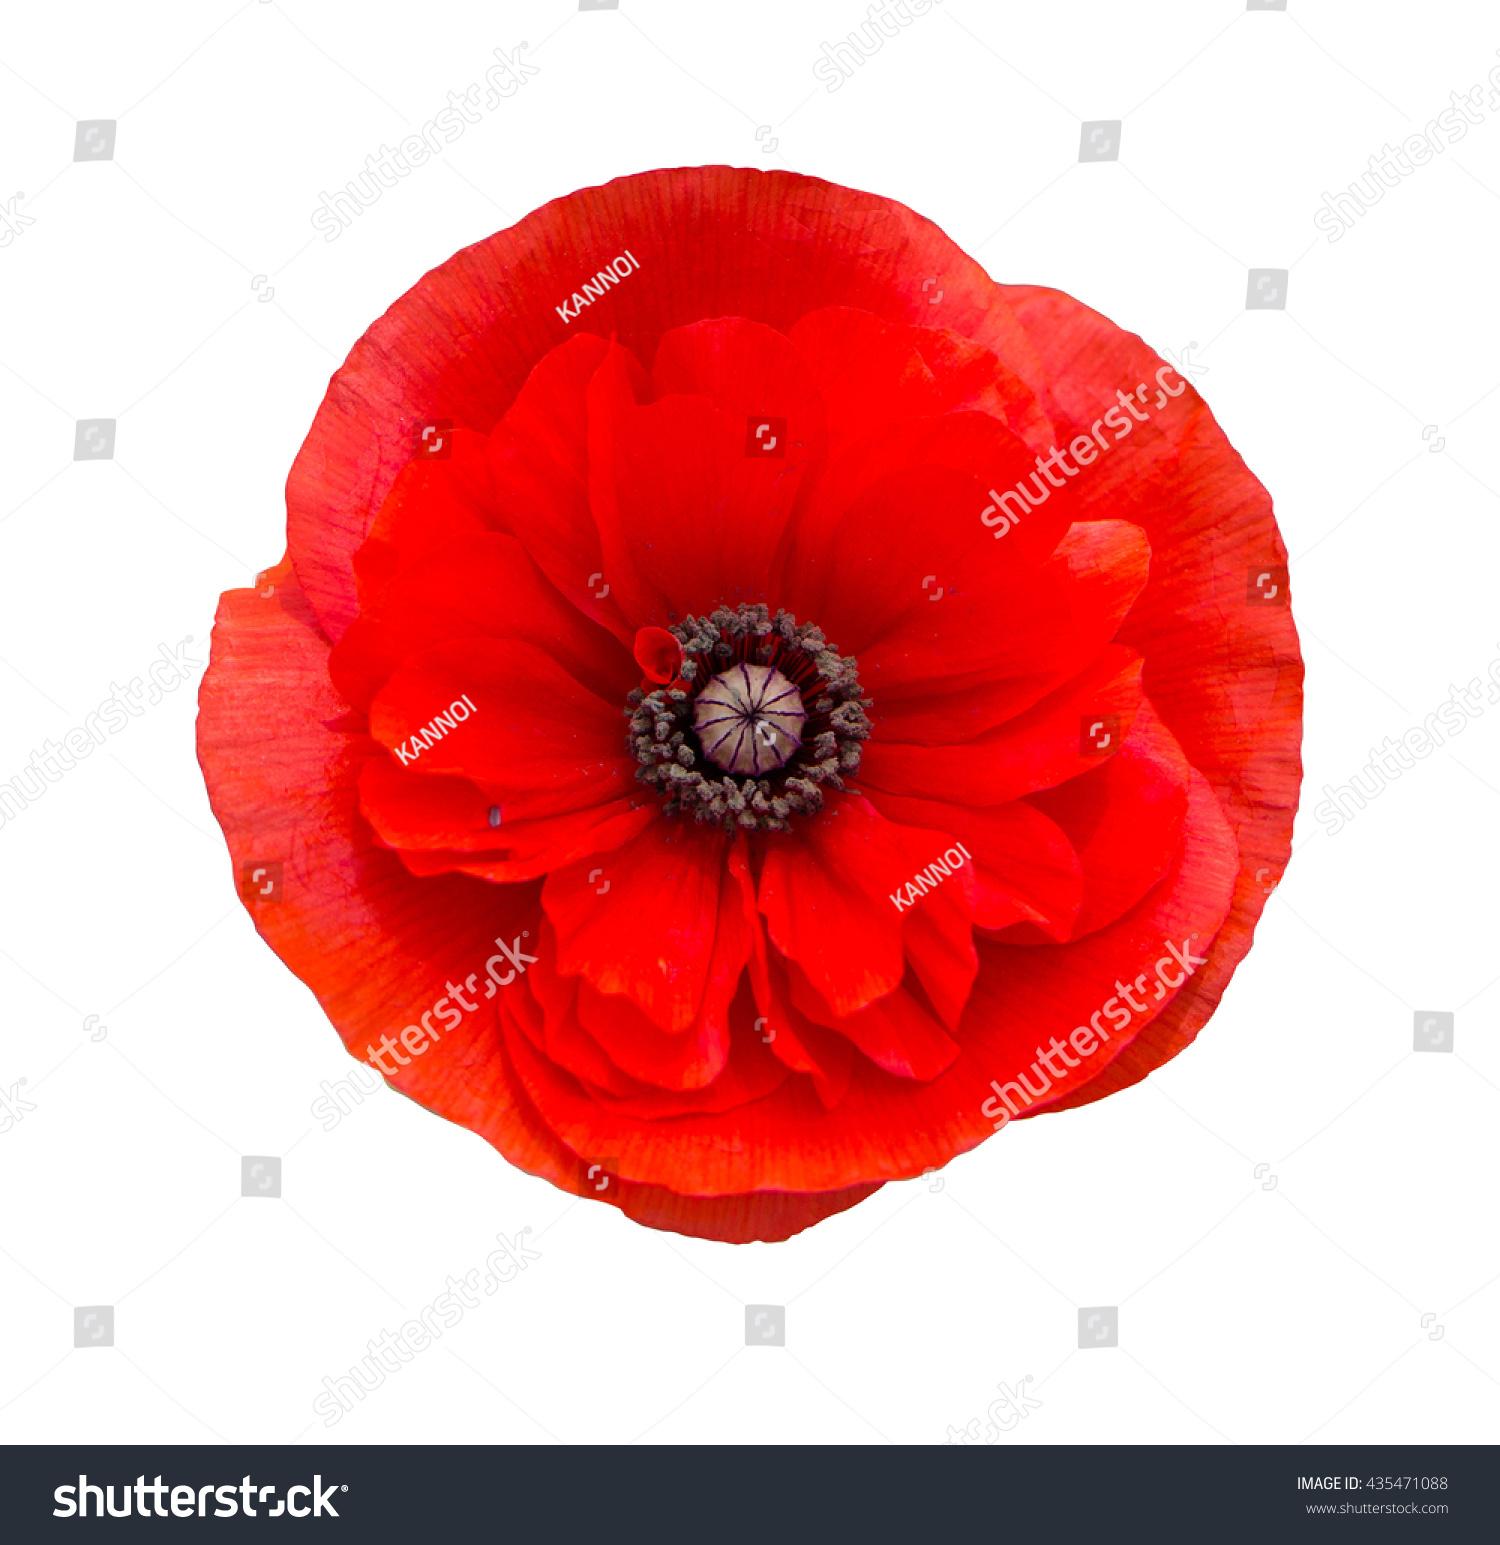 poppy red background - photo #36